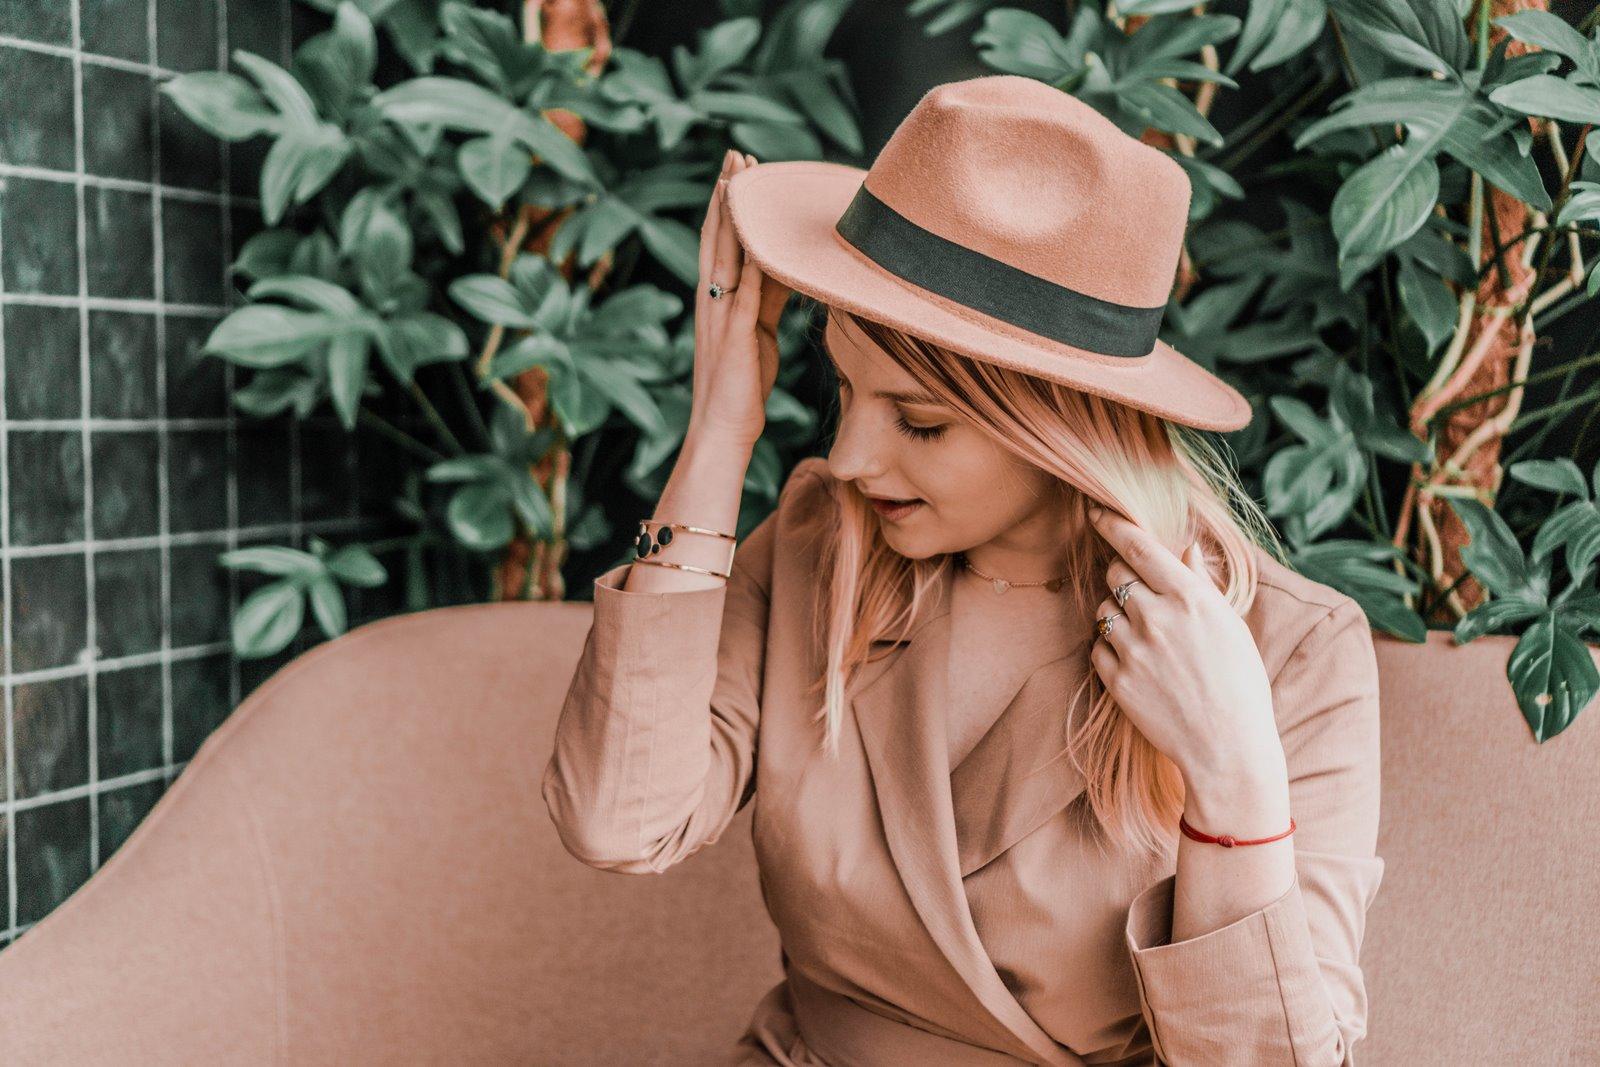 1 nakd sukienka julia wieniawa kolekcja ubrań cena gdzie kupić sukienka trendy na wiosnę 2019 sukienka o kroju płaszcza jak nosić kapelusz złota biżuteria apart torebka asos outlet satisfashion ocena jakość opinie łódź